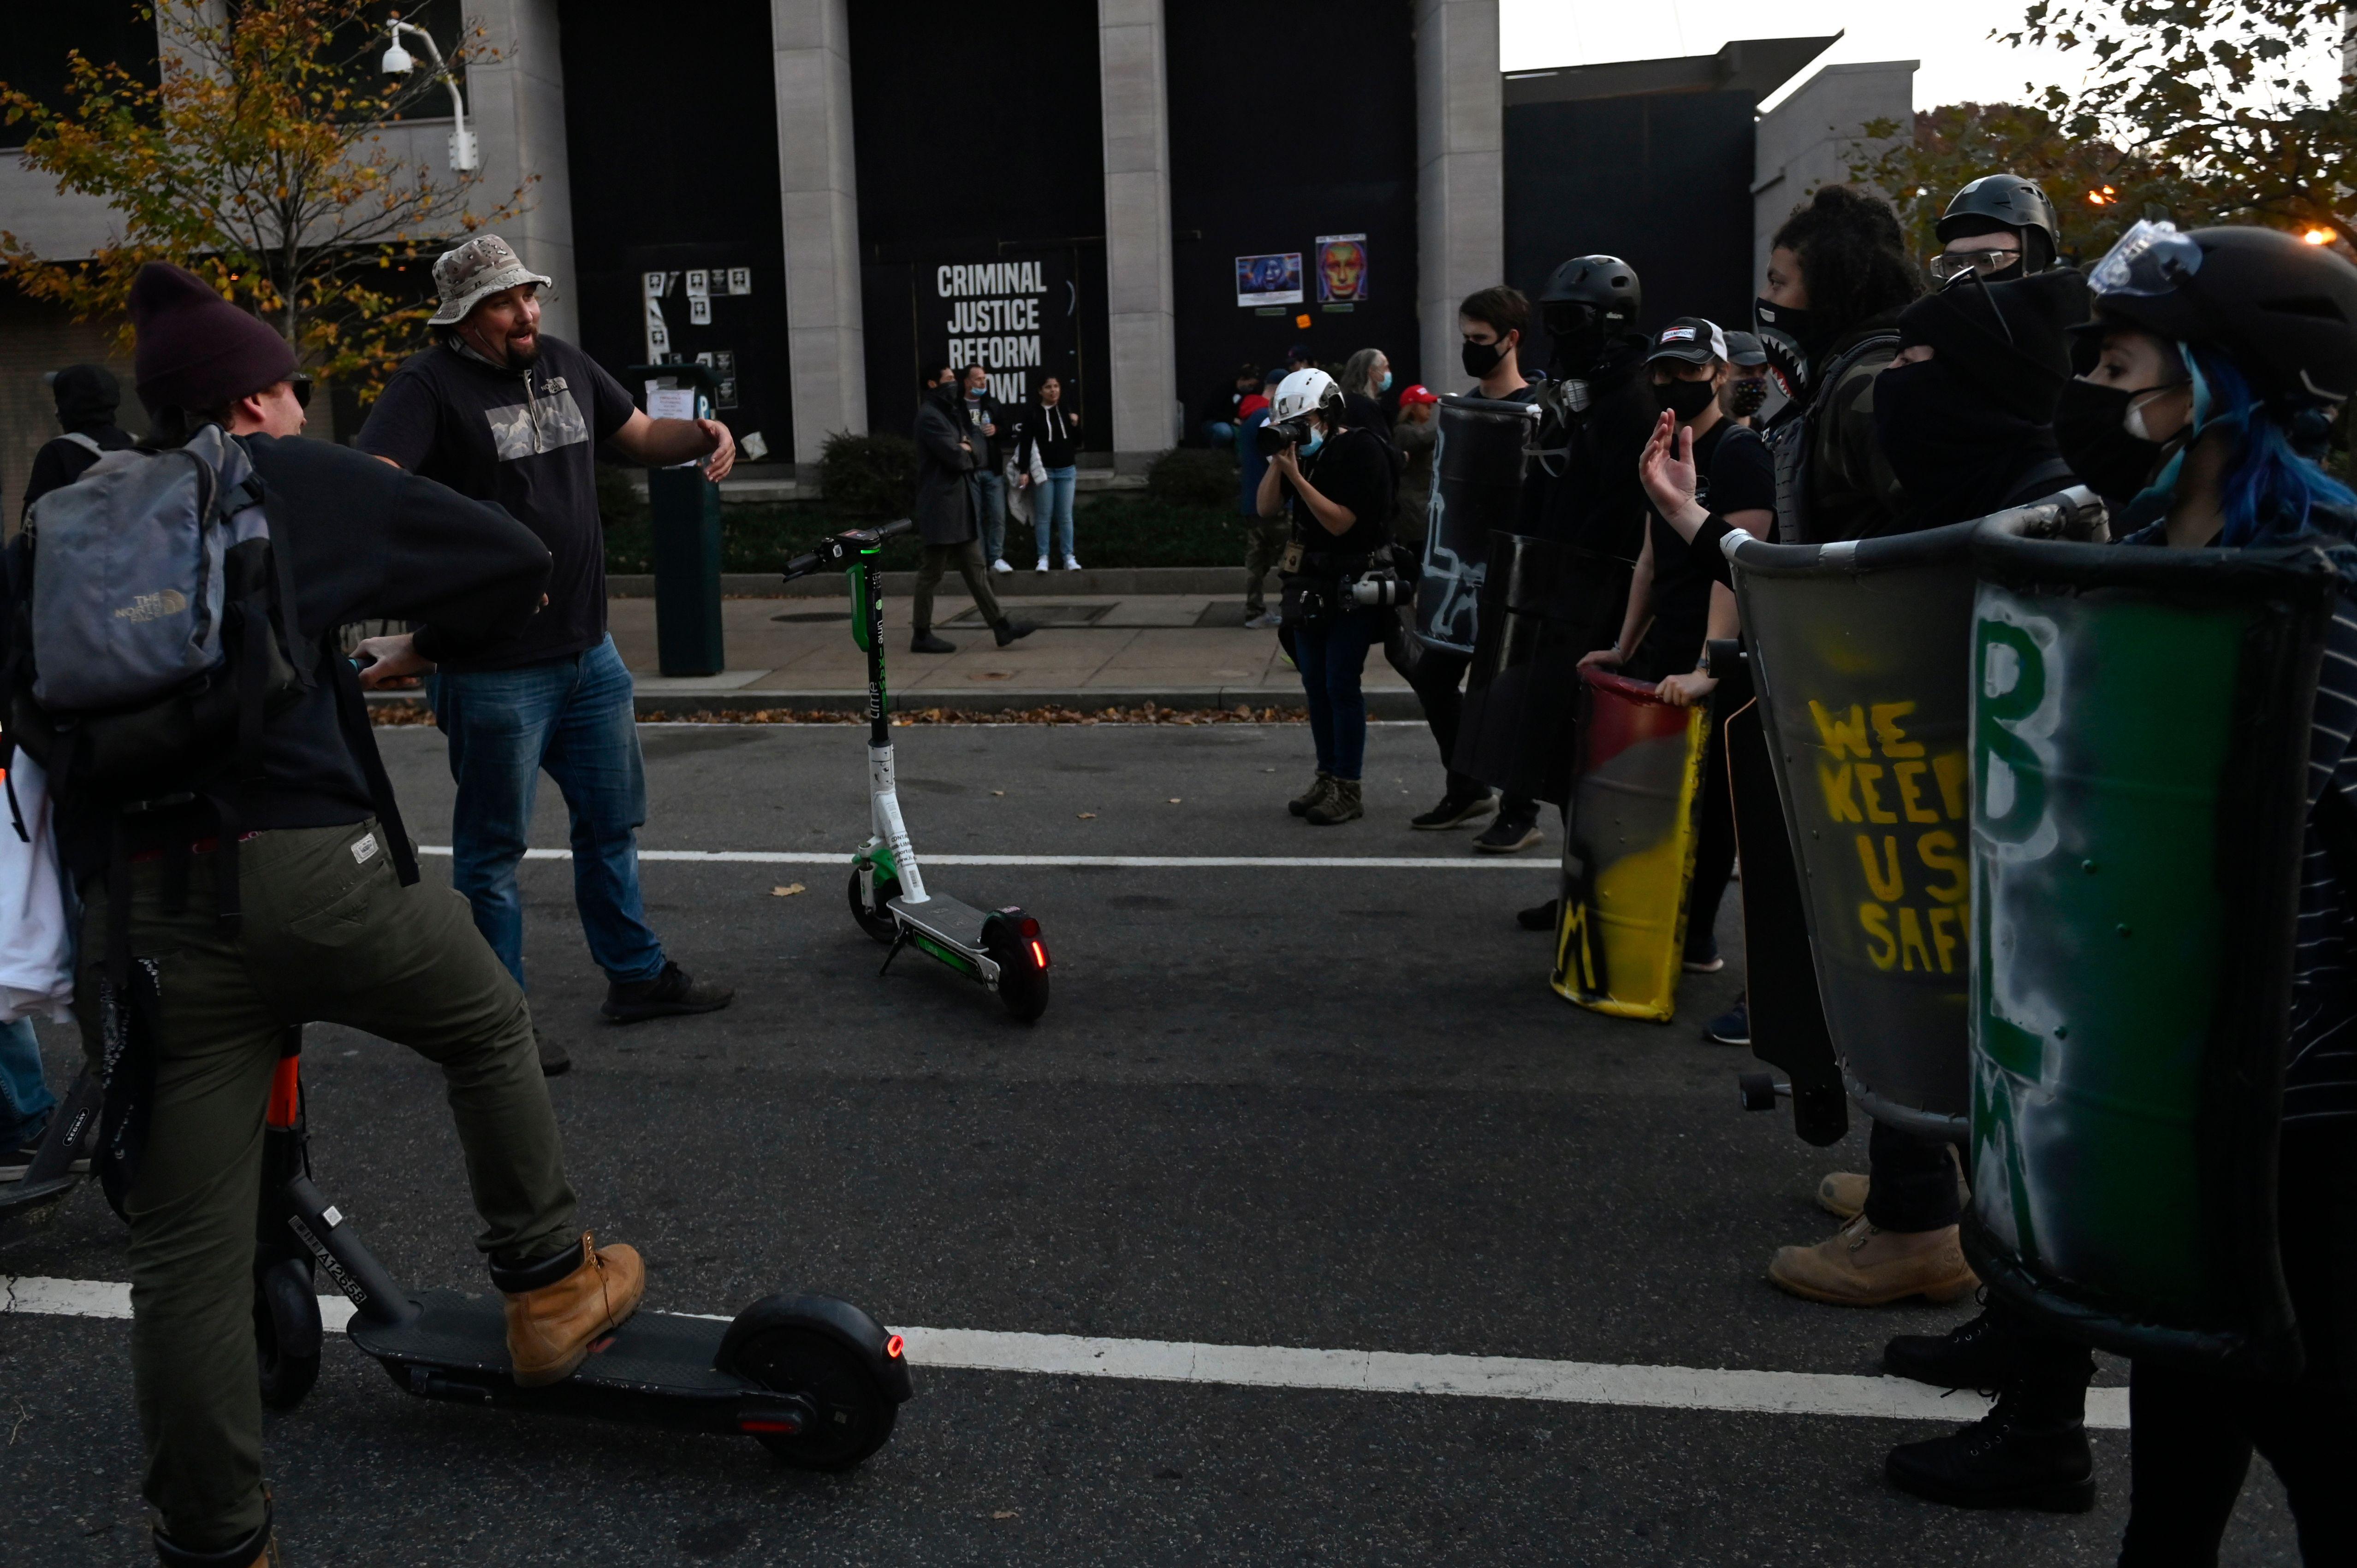 Des contre-manifestants (R) affrontent les partisans du président américain Donald Trump alors qu'ils se rassemblent à Washington, DC